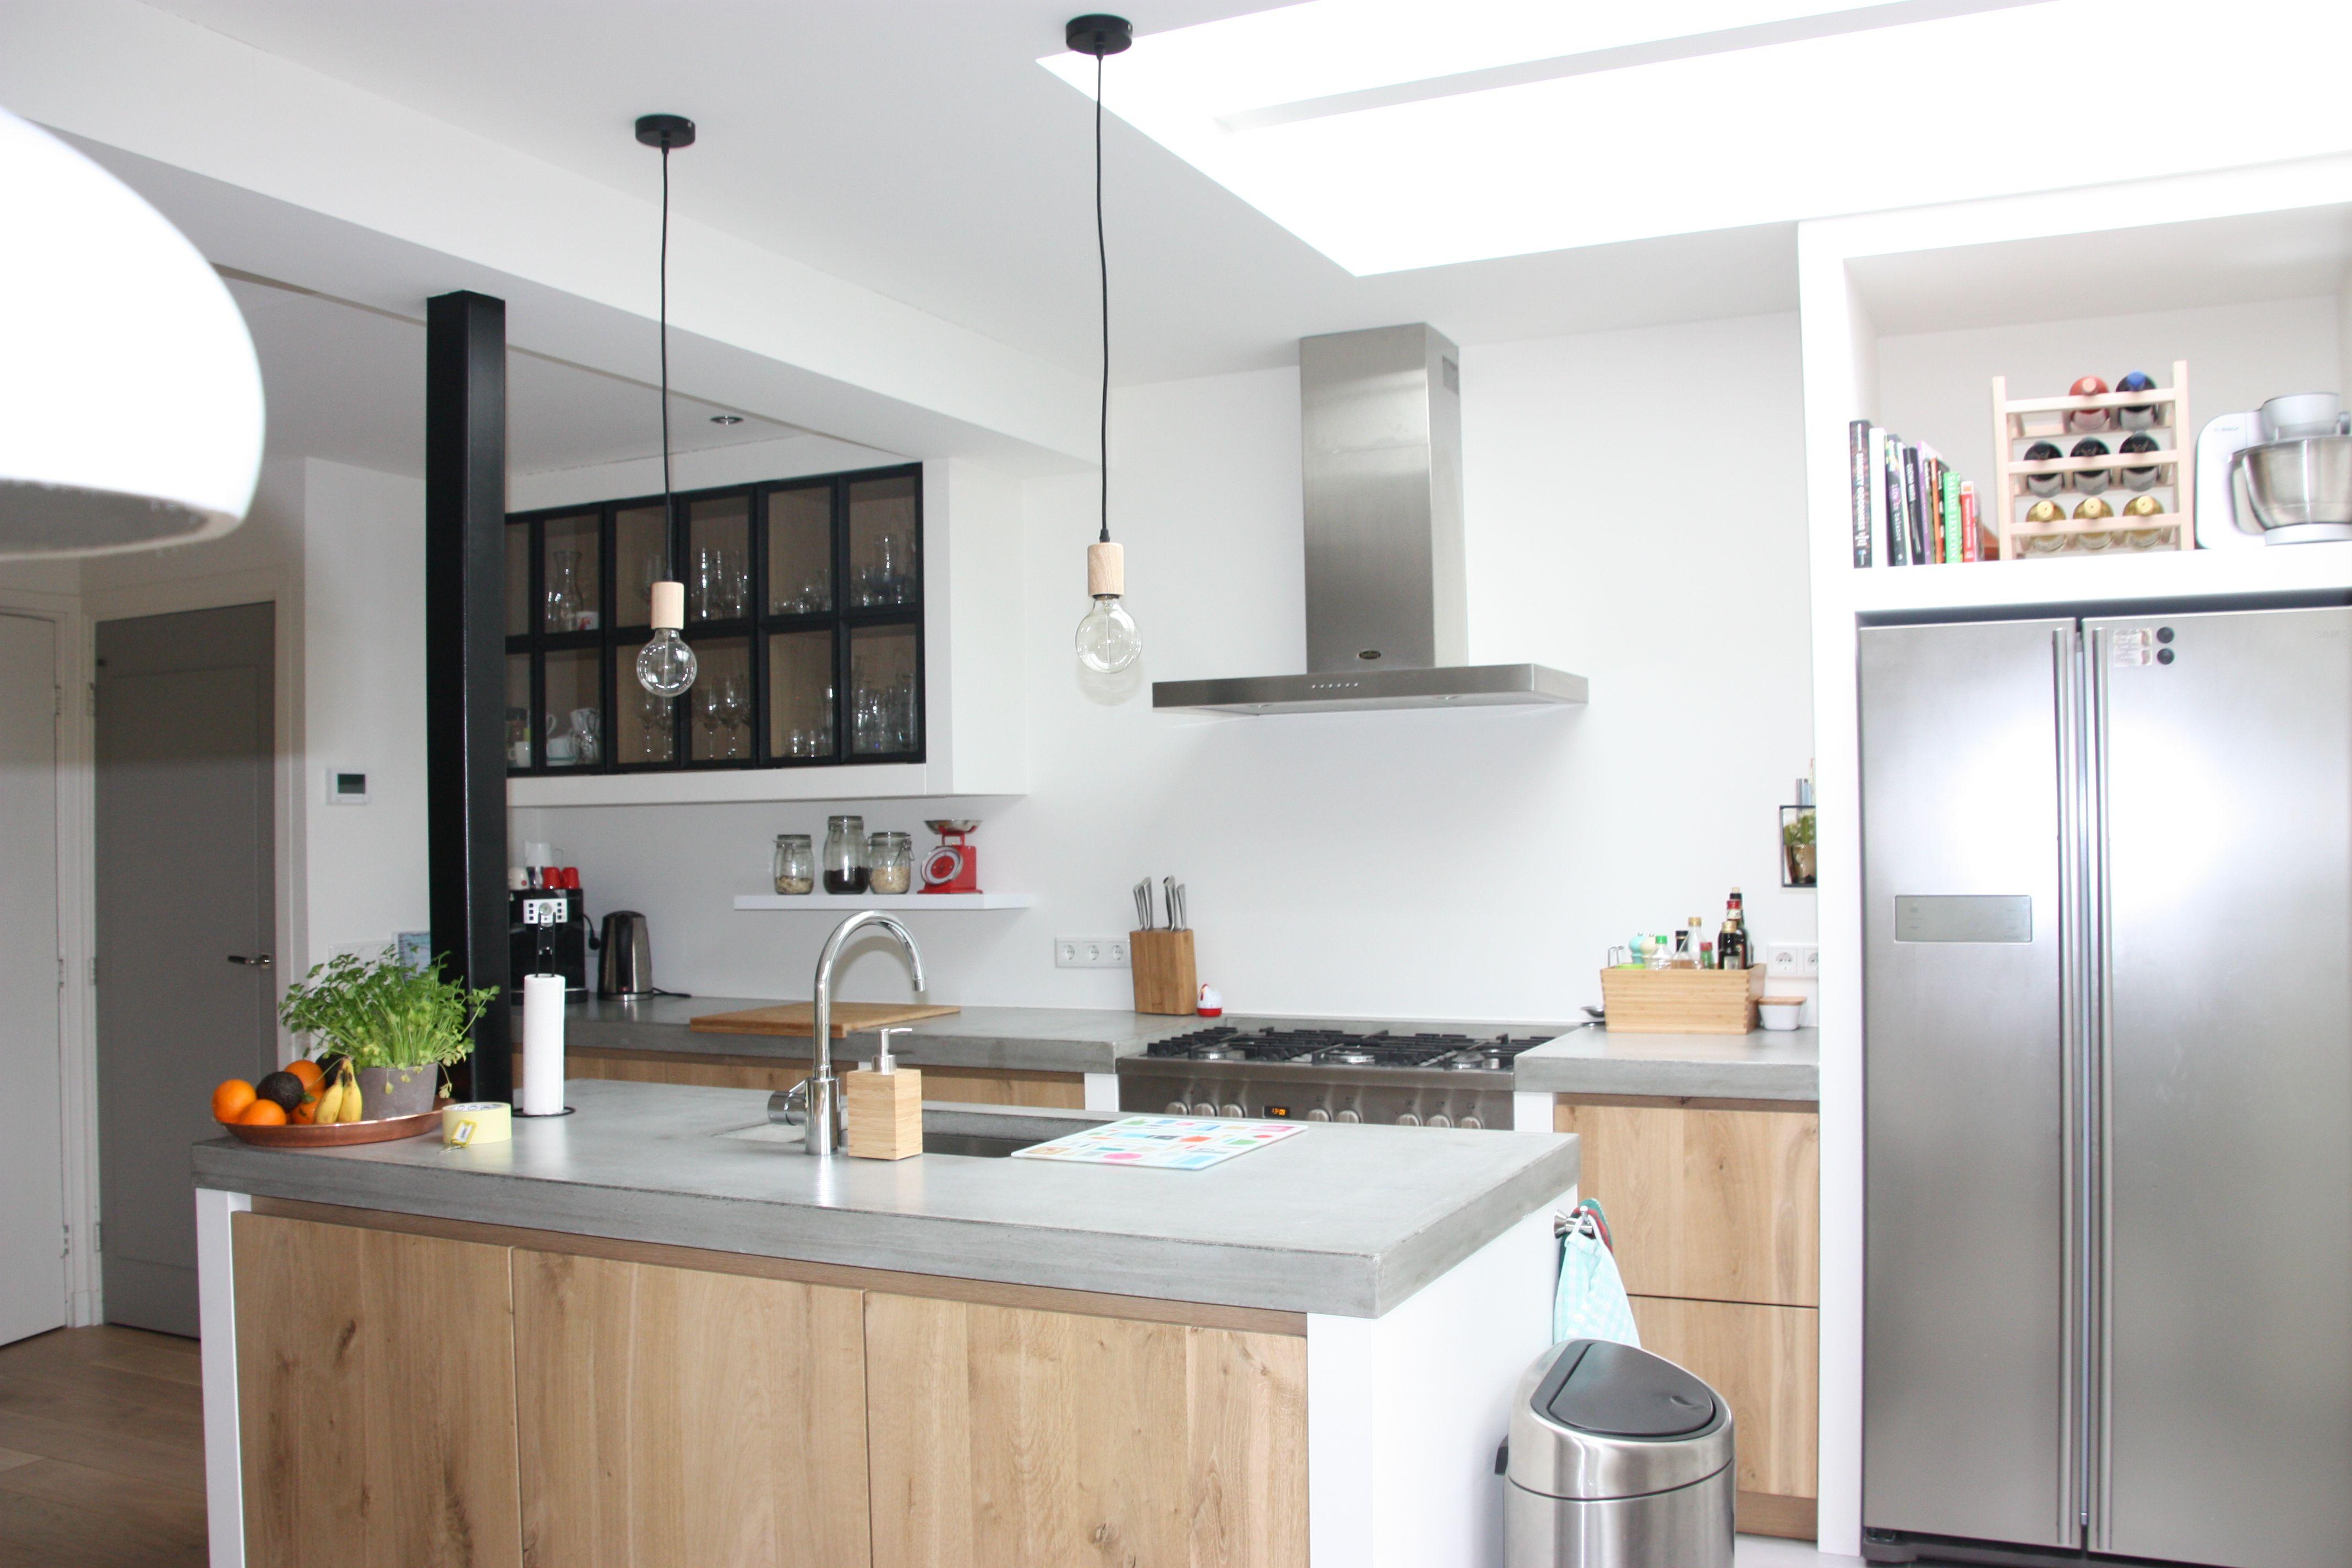 Maniglie arredamento ~ Cucina start time con maniglia disponibile con o senza maniglia